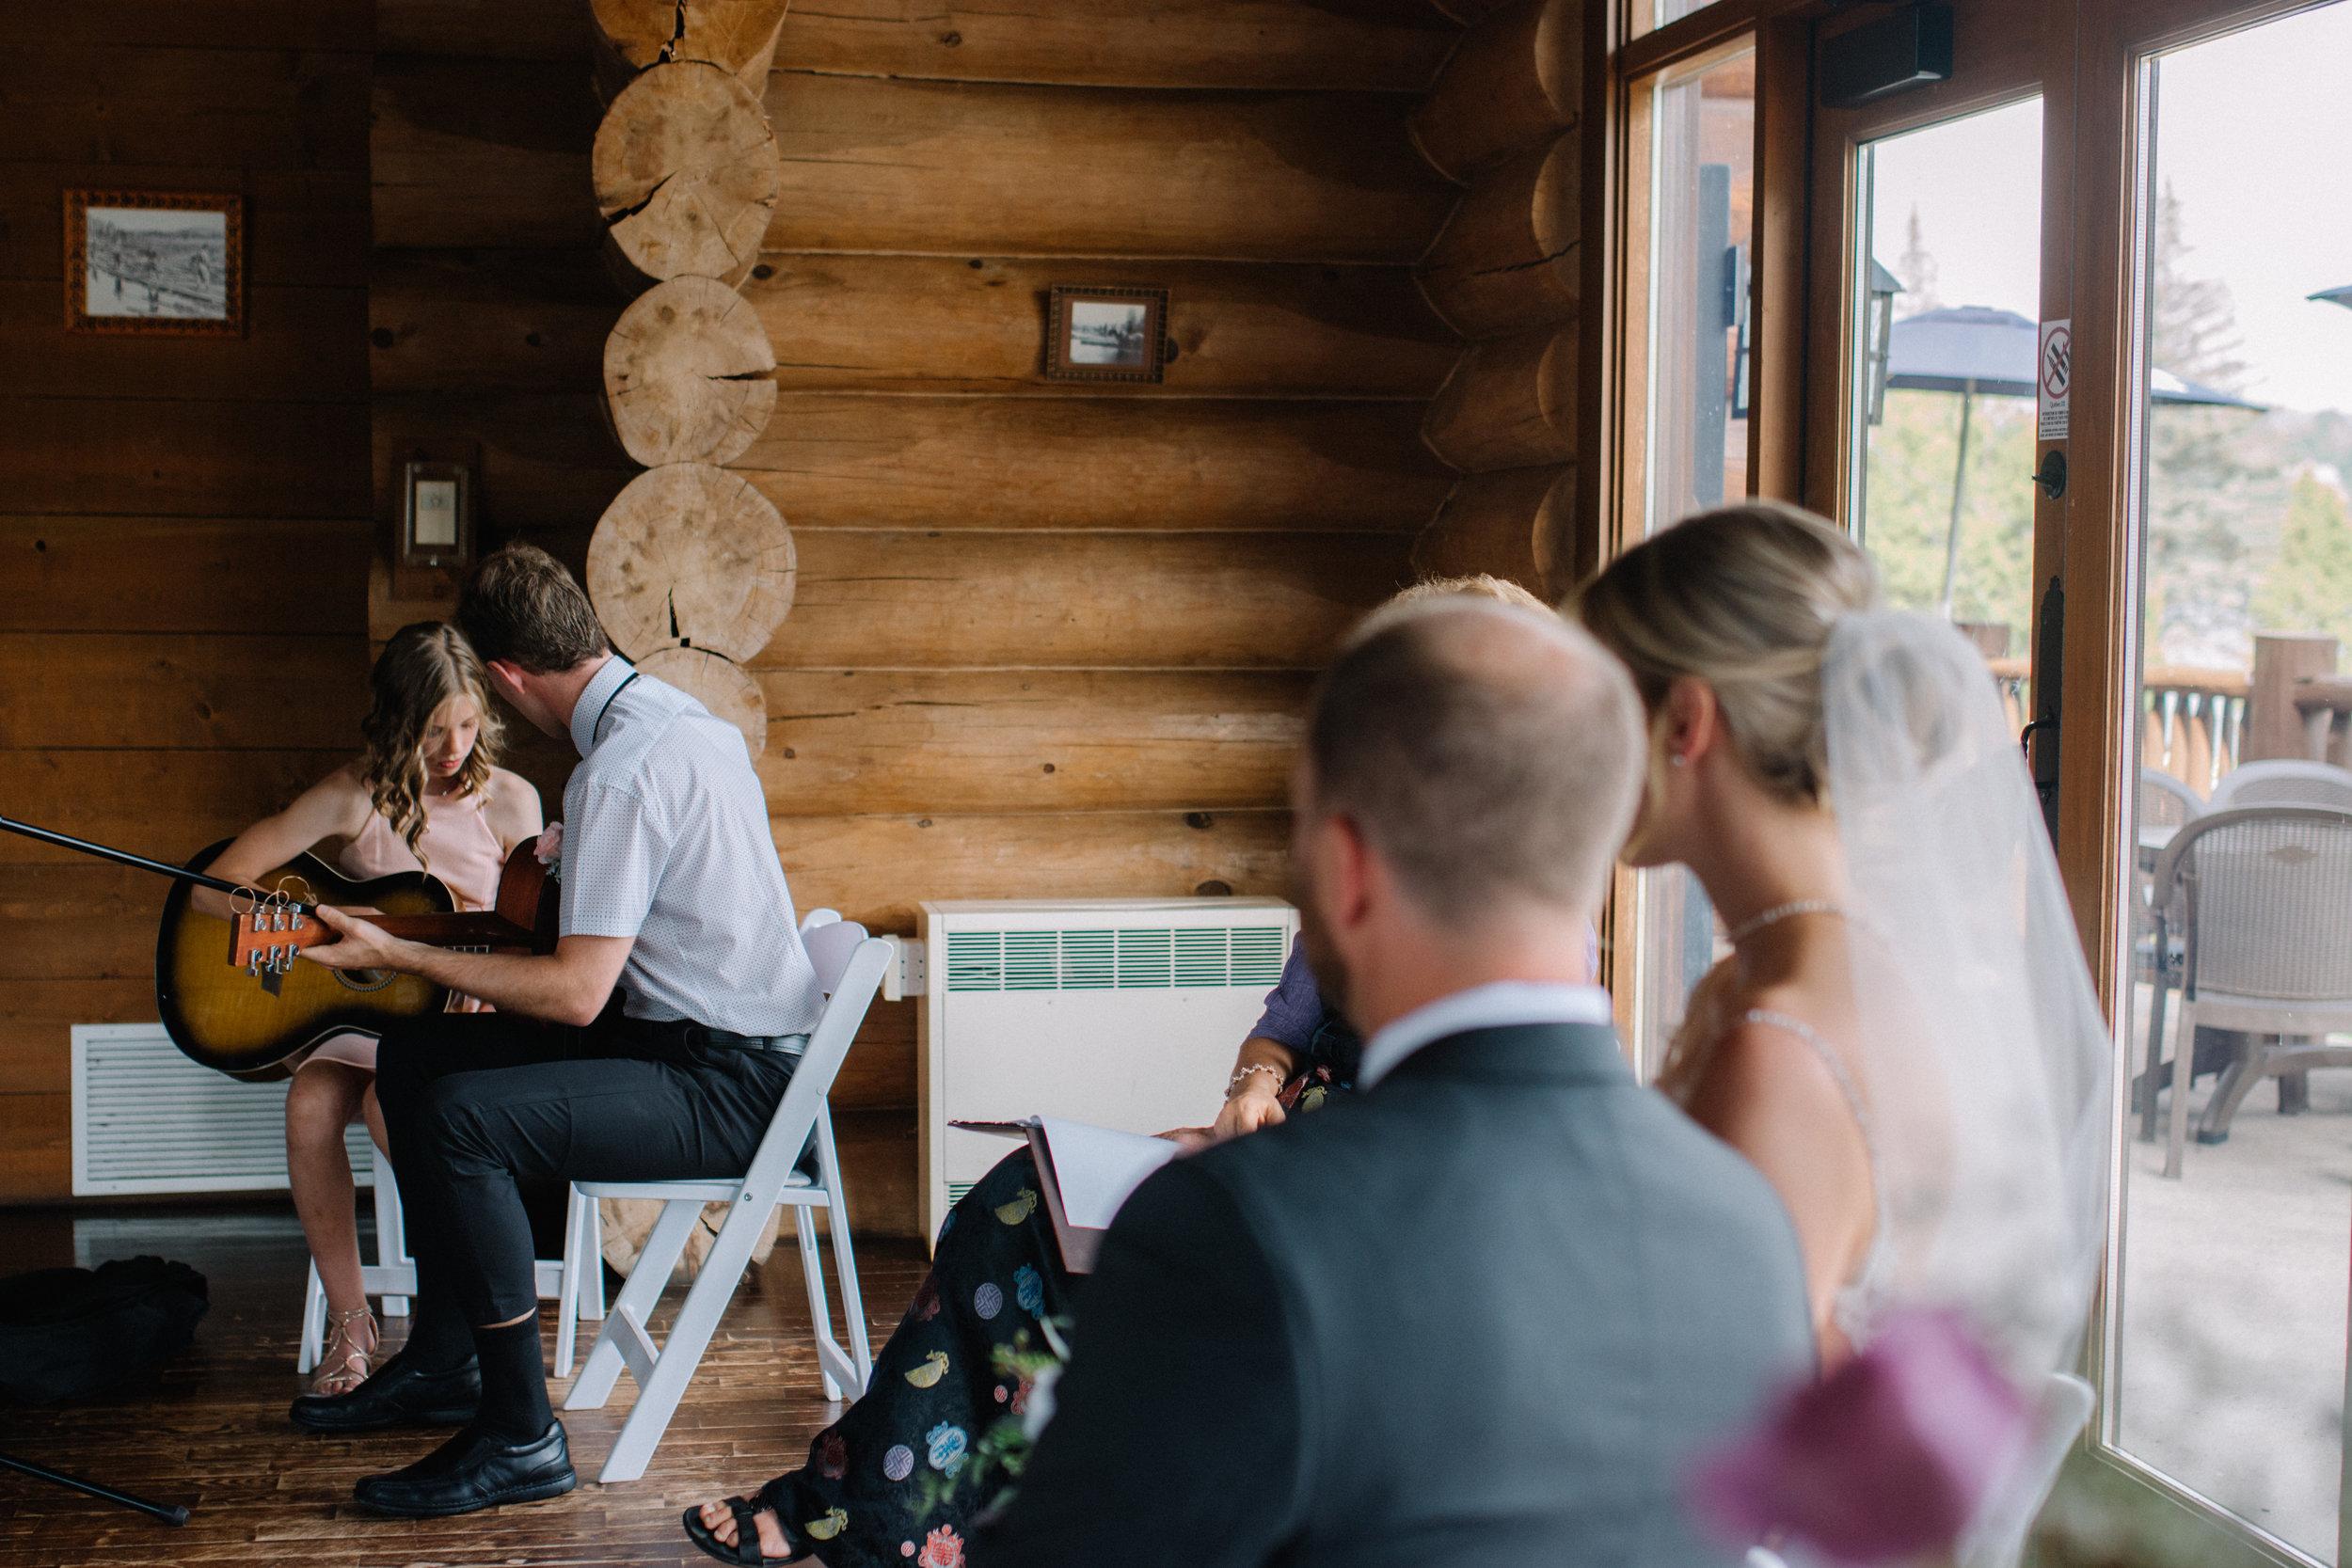 gatineau_photographe_mariage_ottawa_wedding_photography_documentary_candid_unposed_lifestyle_photography_photographie_613_family_famille (36).jpg